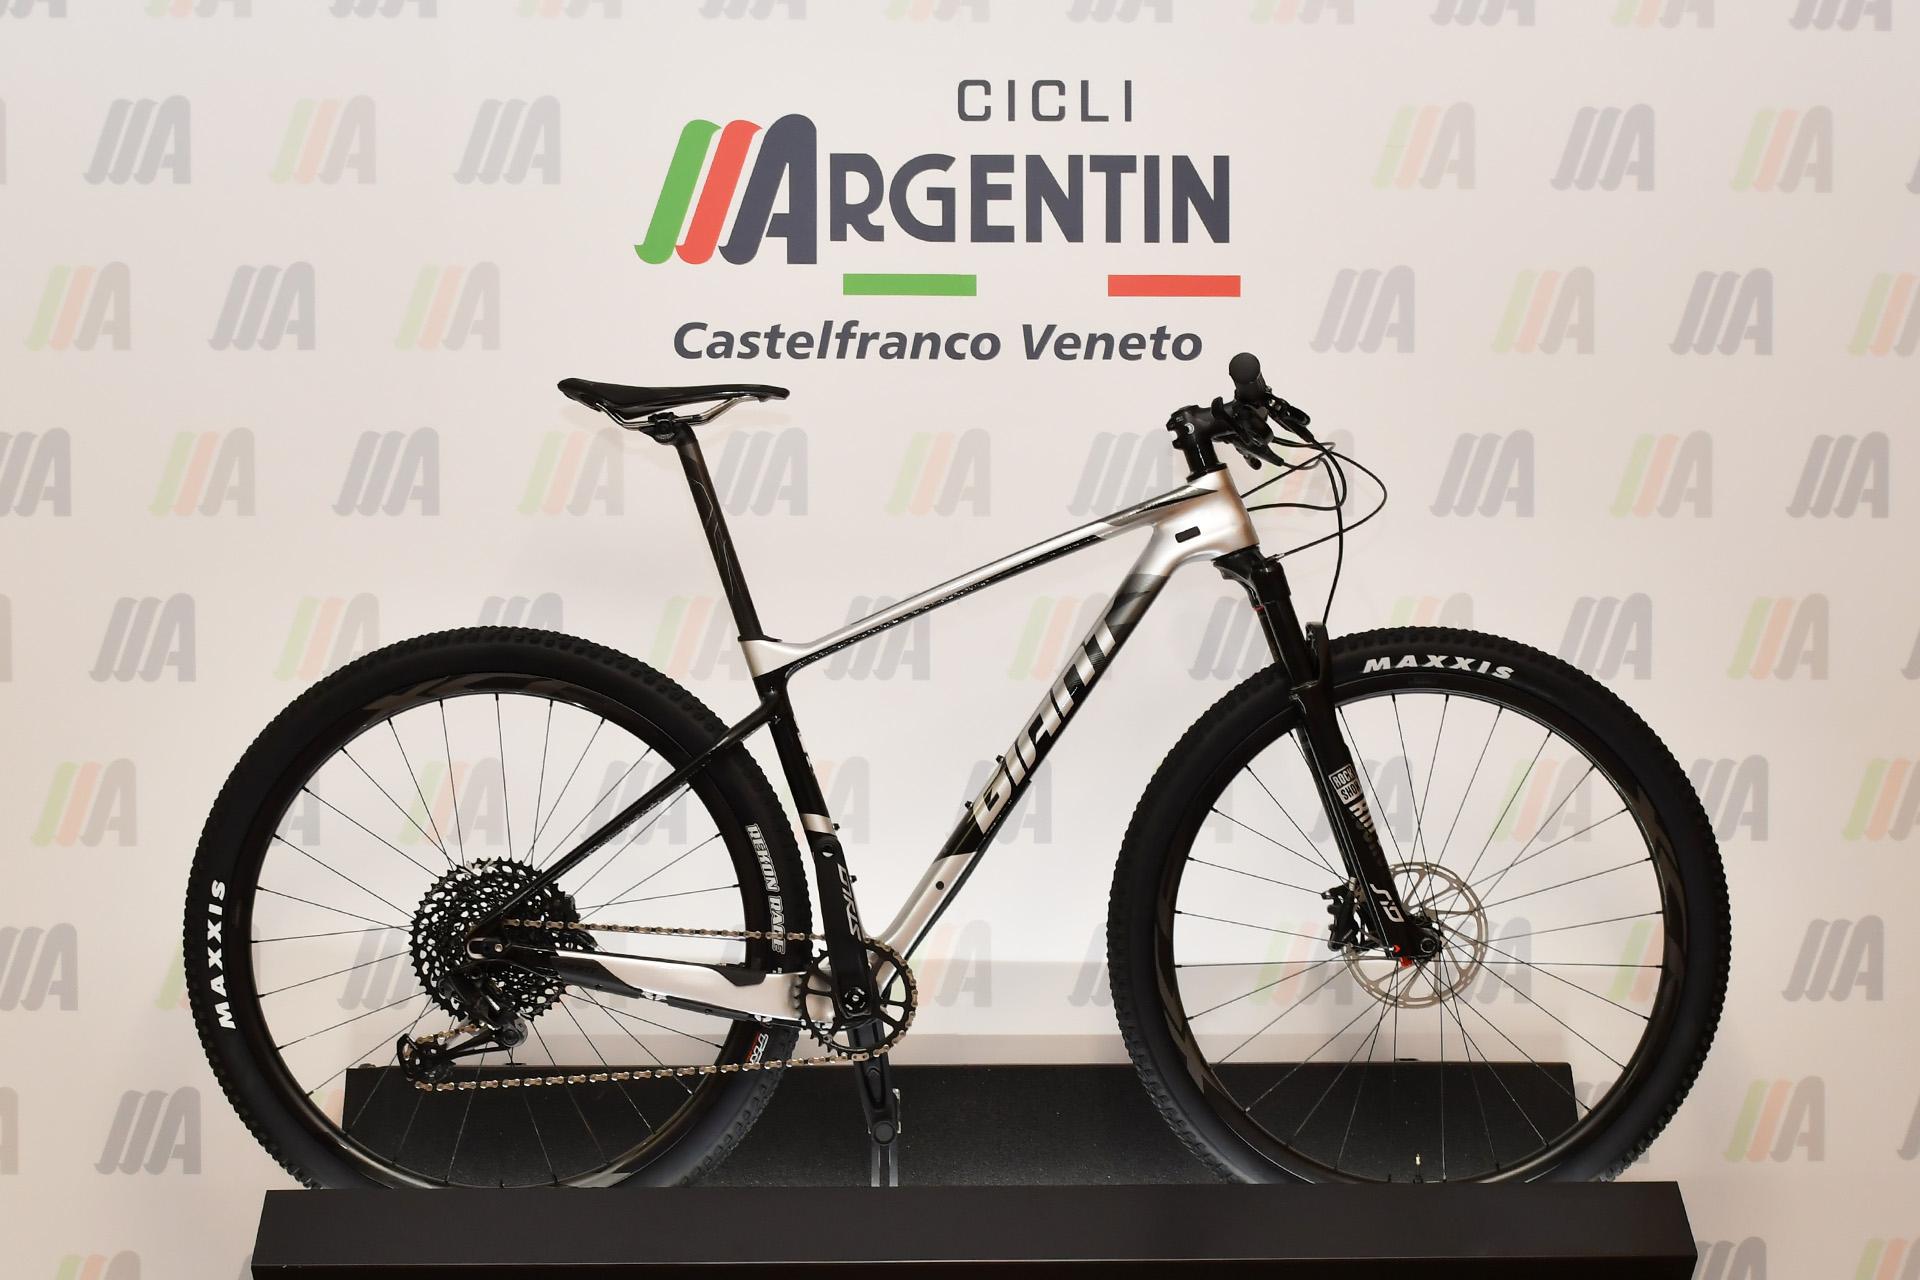 Cicli Argentin Negozio Di Biciclette E Abbigliamento Da Ciclismo A